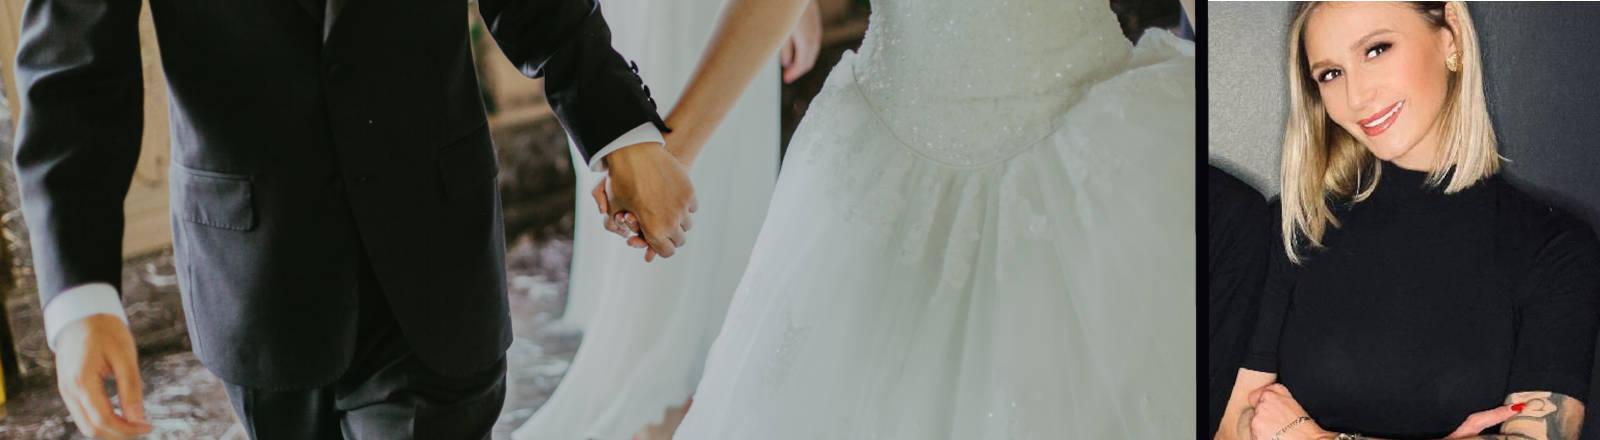 Bild eines Hochzeitspaares und von Lena